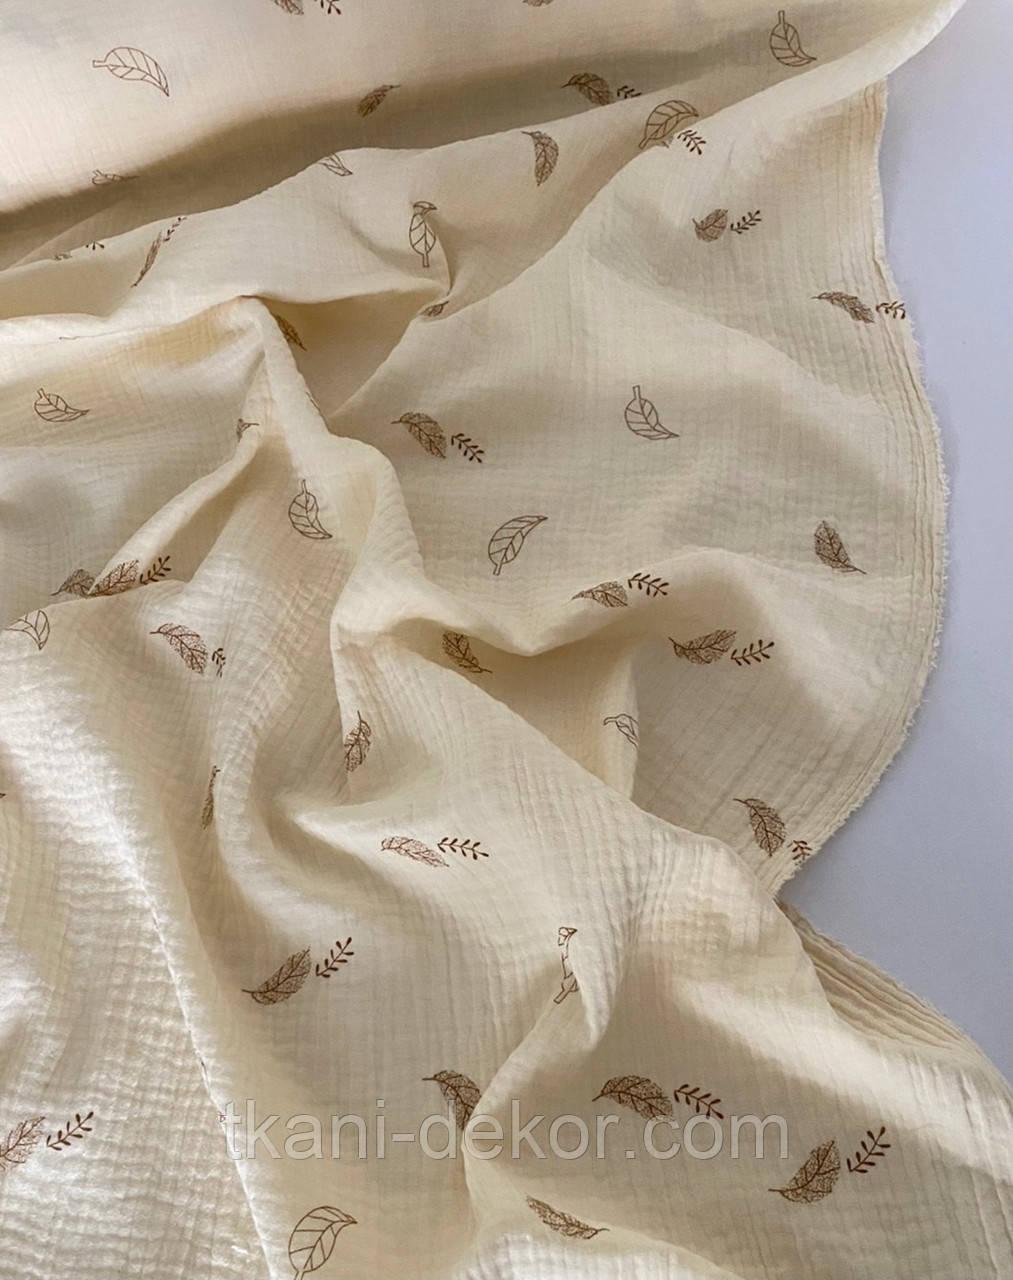 Муслин (хлопковая ткань) перышки коричневые на ванили